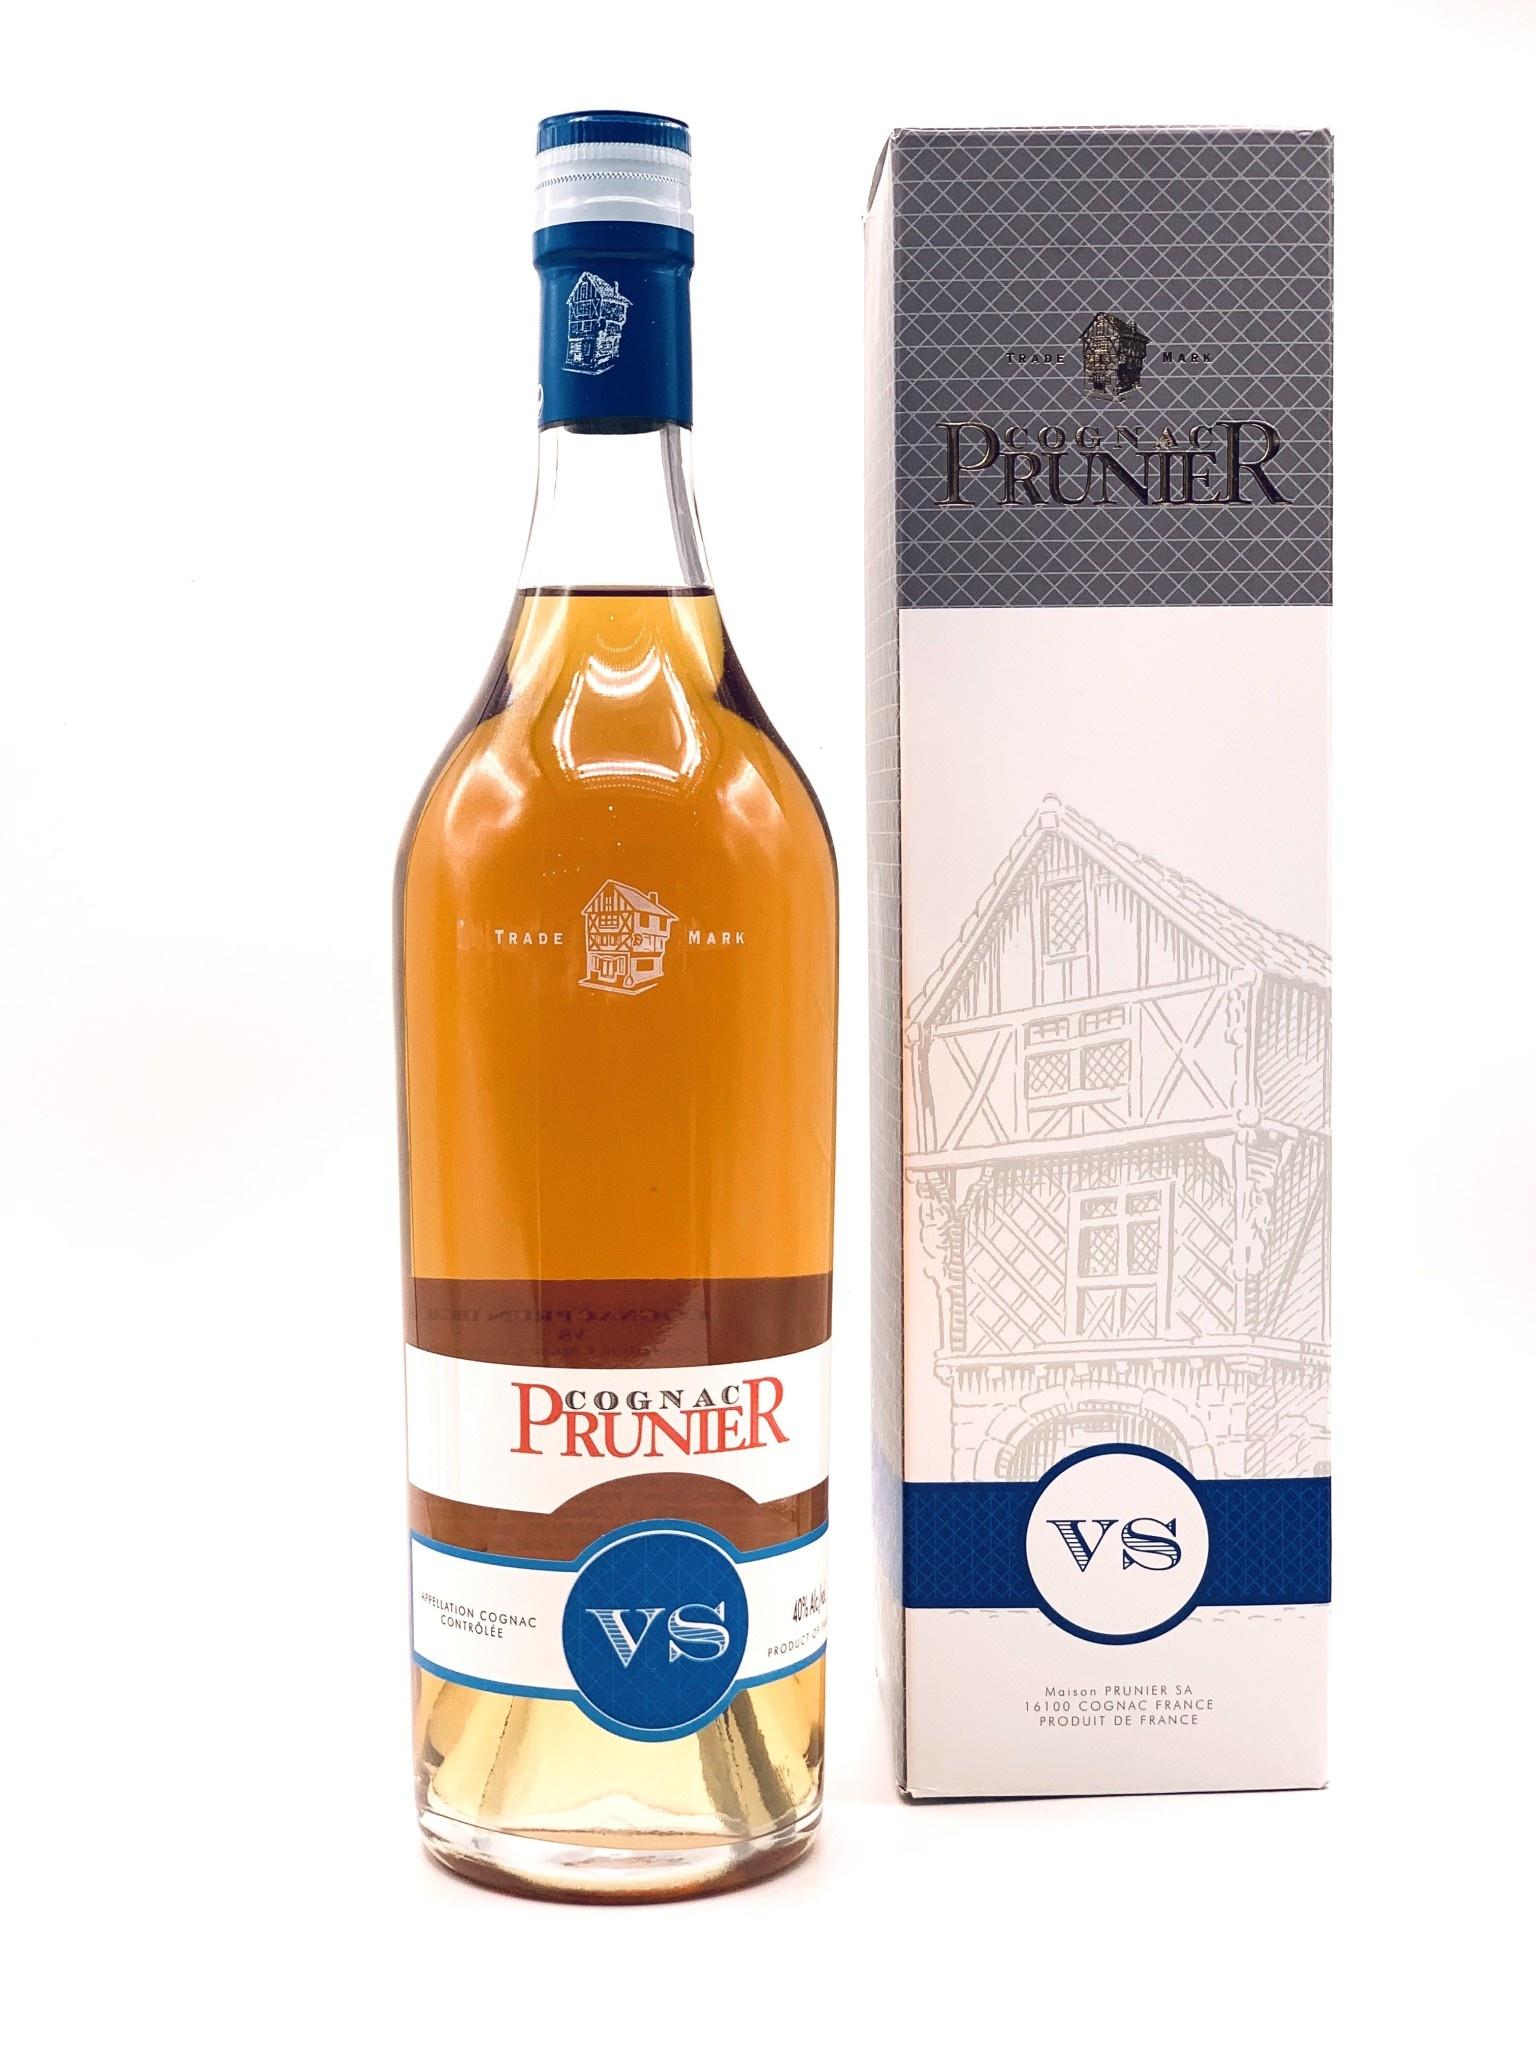 Cognac Prunier La Vieille Maison VS Cognac  750ml (80 proof)